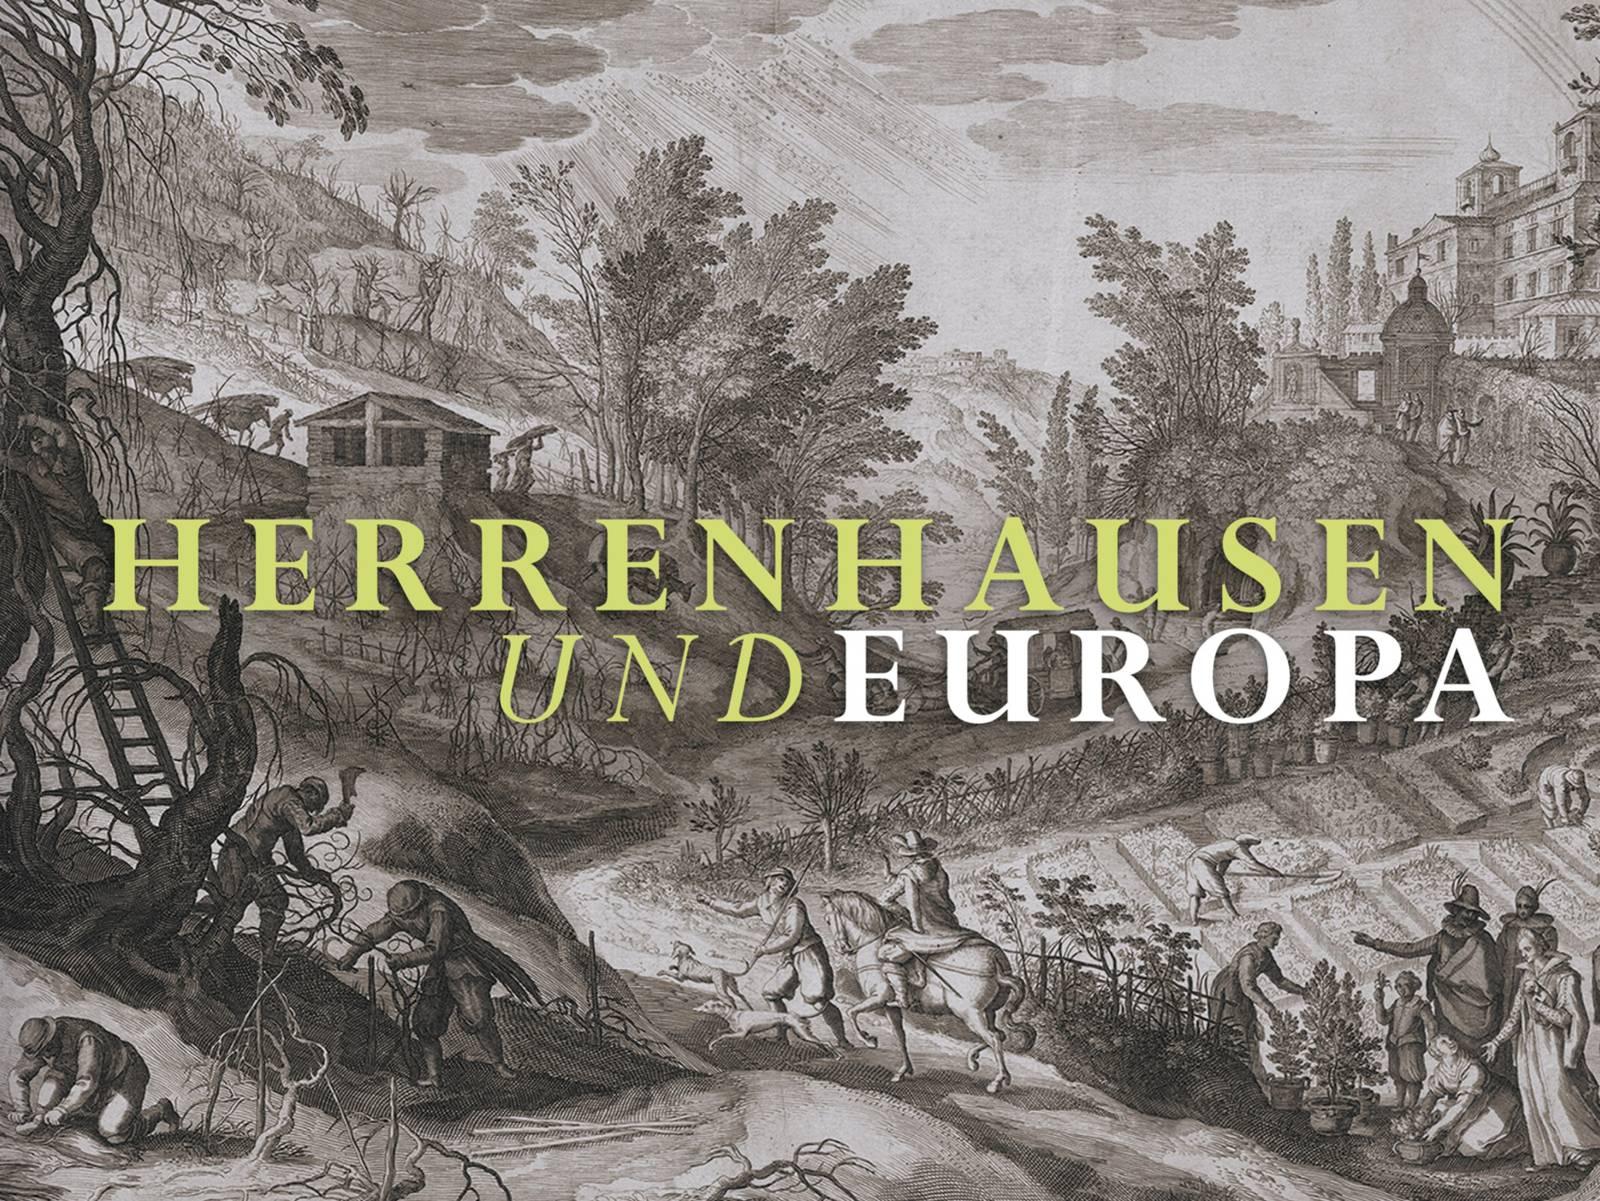 Buchcover der Begleitbandes zur Sonderausstellung Herrenhausen und Europa